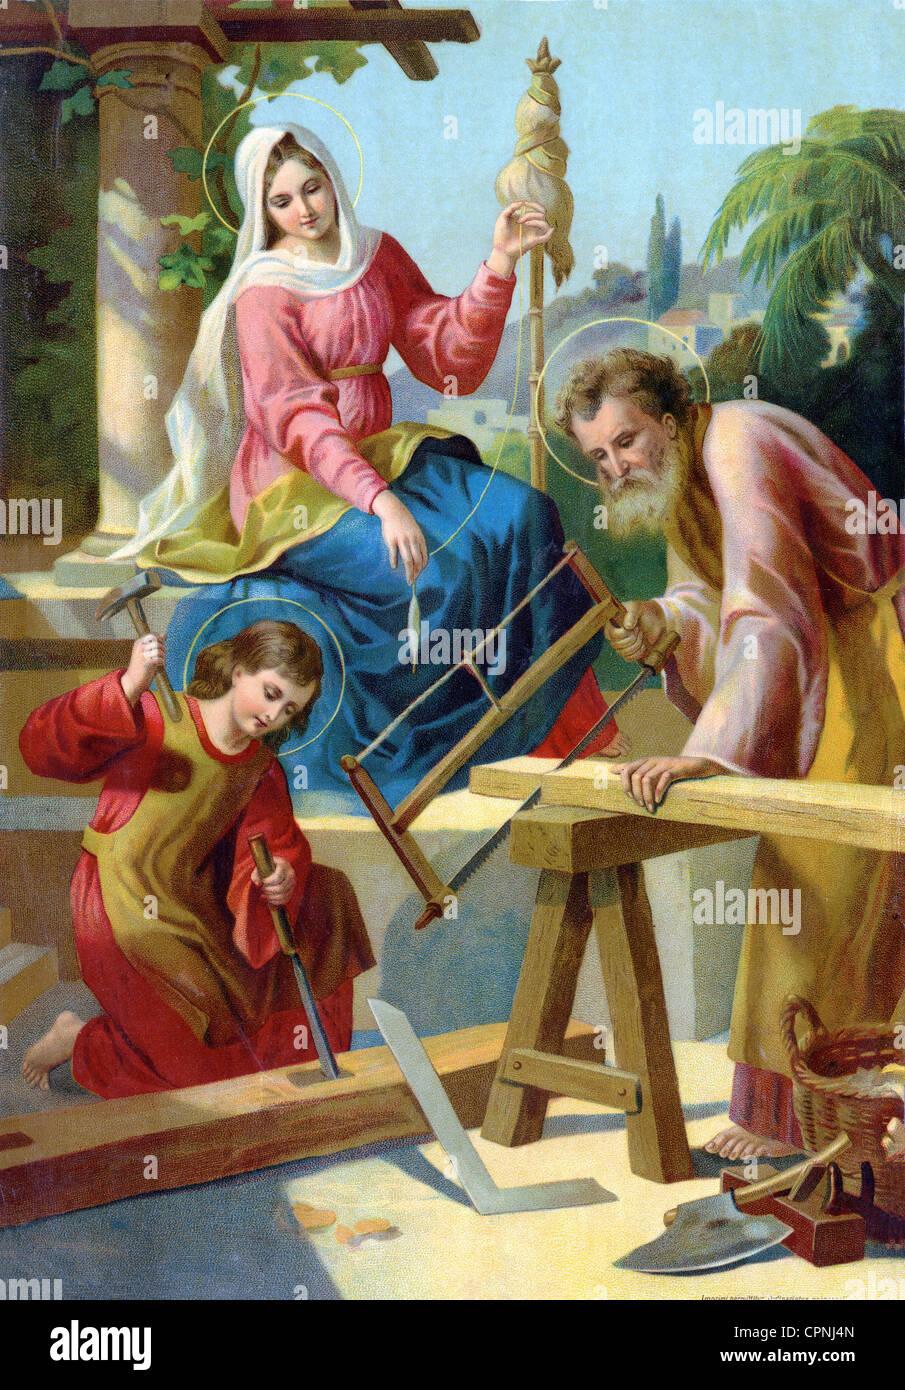 Religion Christianity The Holy Family Mary Joseph